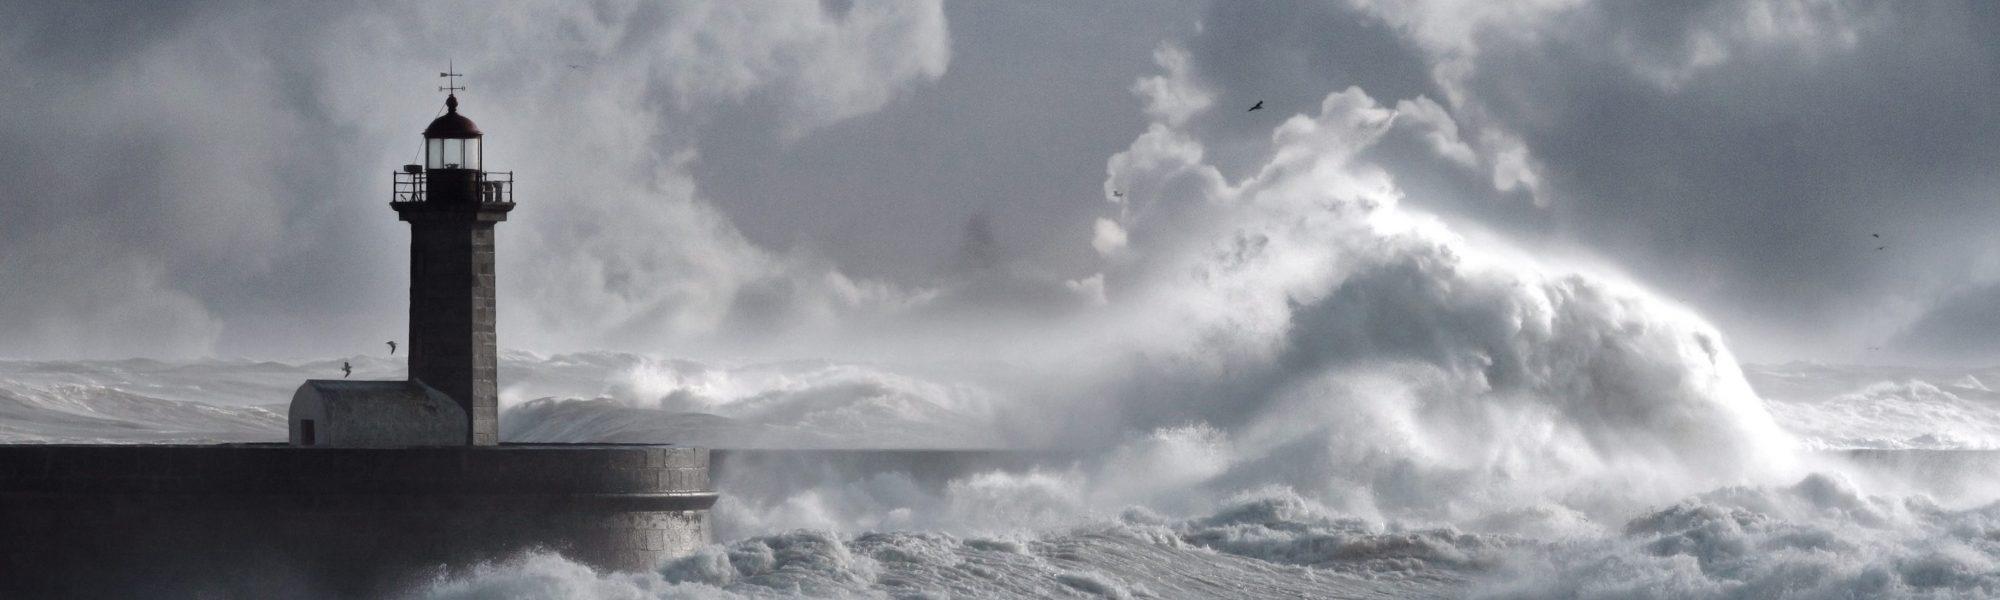 Bild von Leuchtturm im Sturm